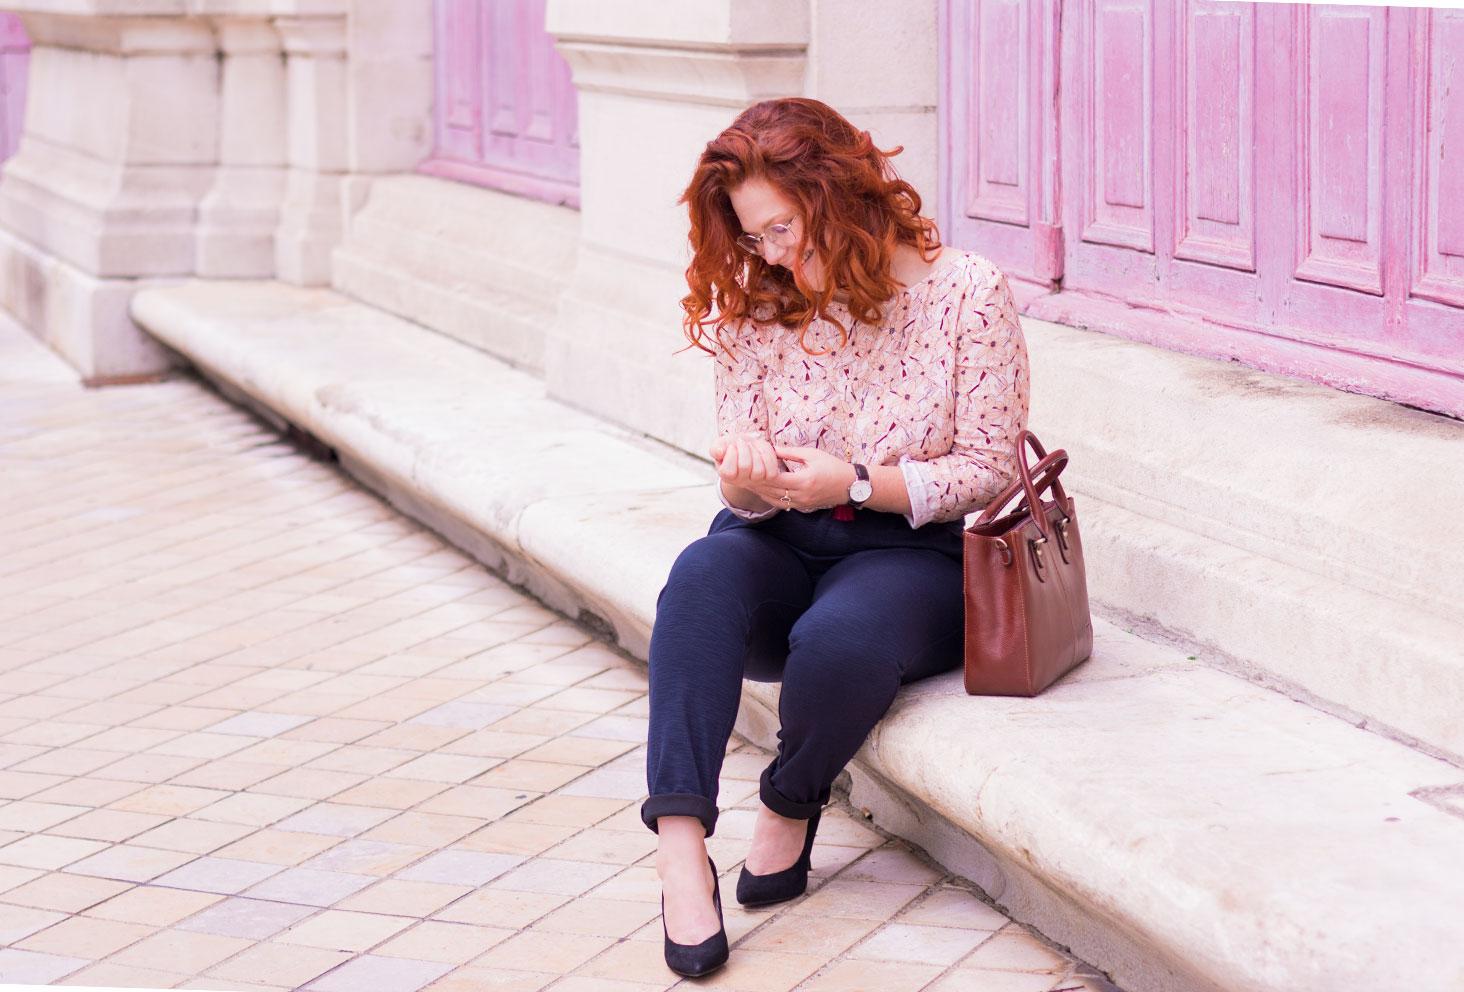 Assise de profil sur des marches en pierre devant deux grandes portes en bois fushia, en style working girl blouse et pantalon cigarette